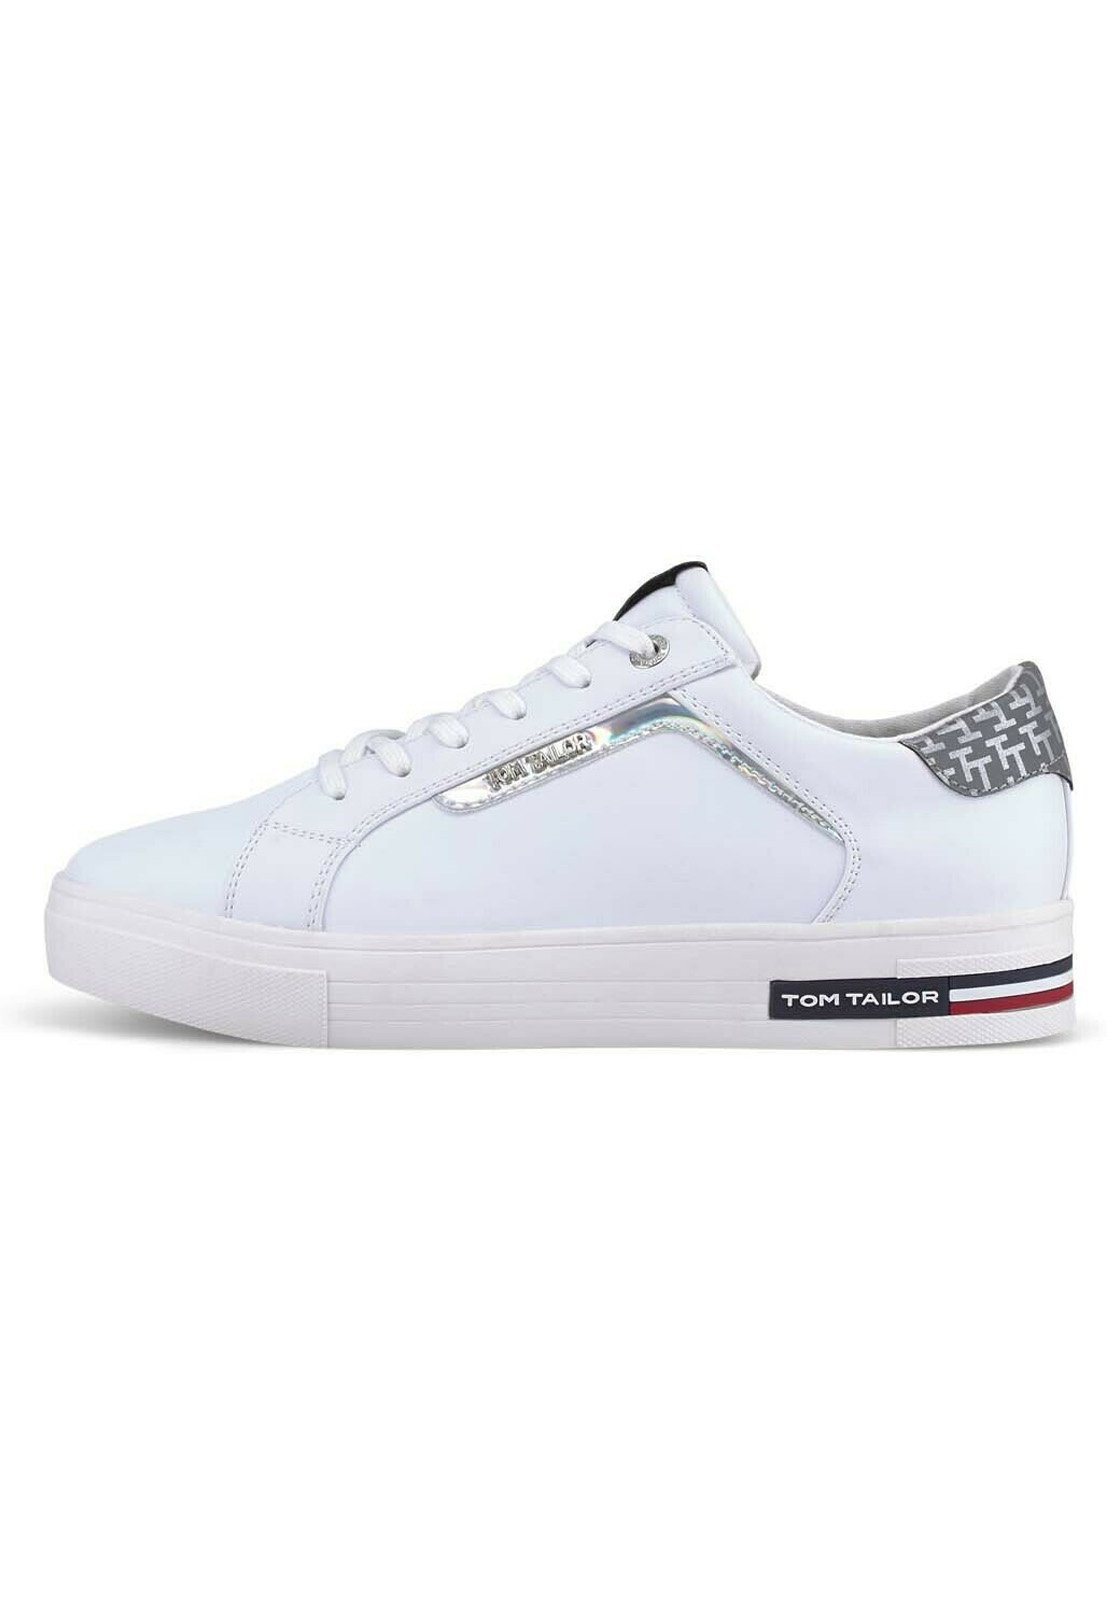 Tom Tailor Schnür-Schuhe modische Damen Sneaker mit Schmetterlingen Weiß